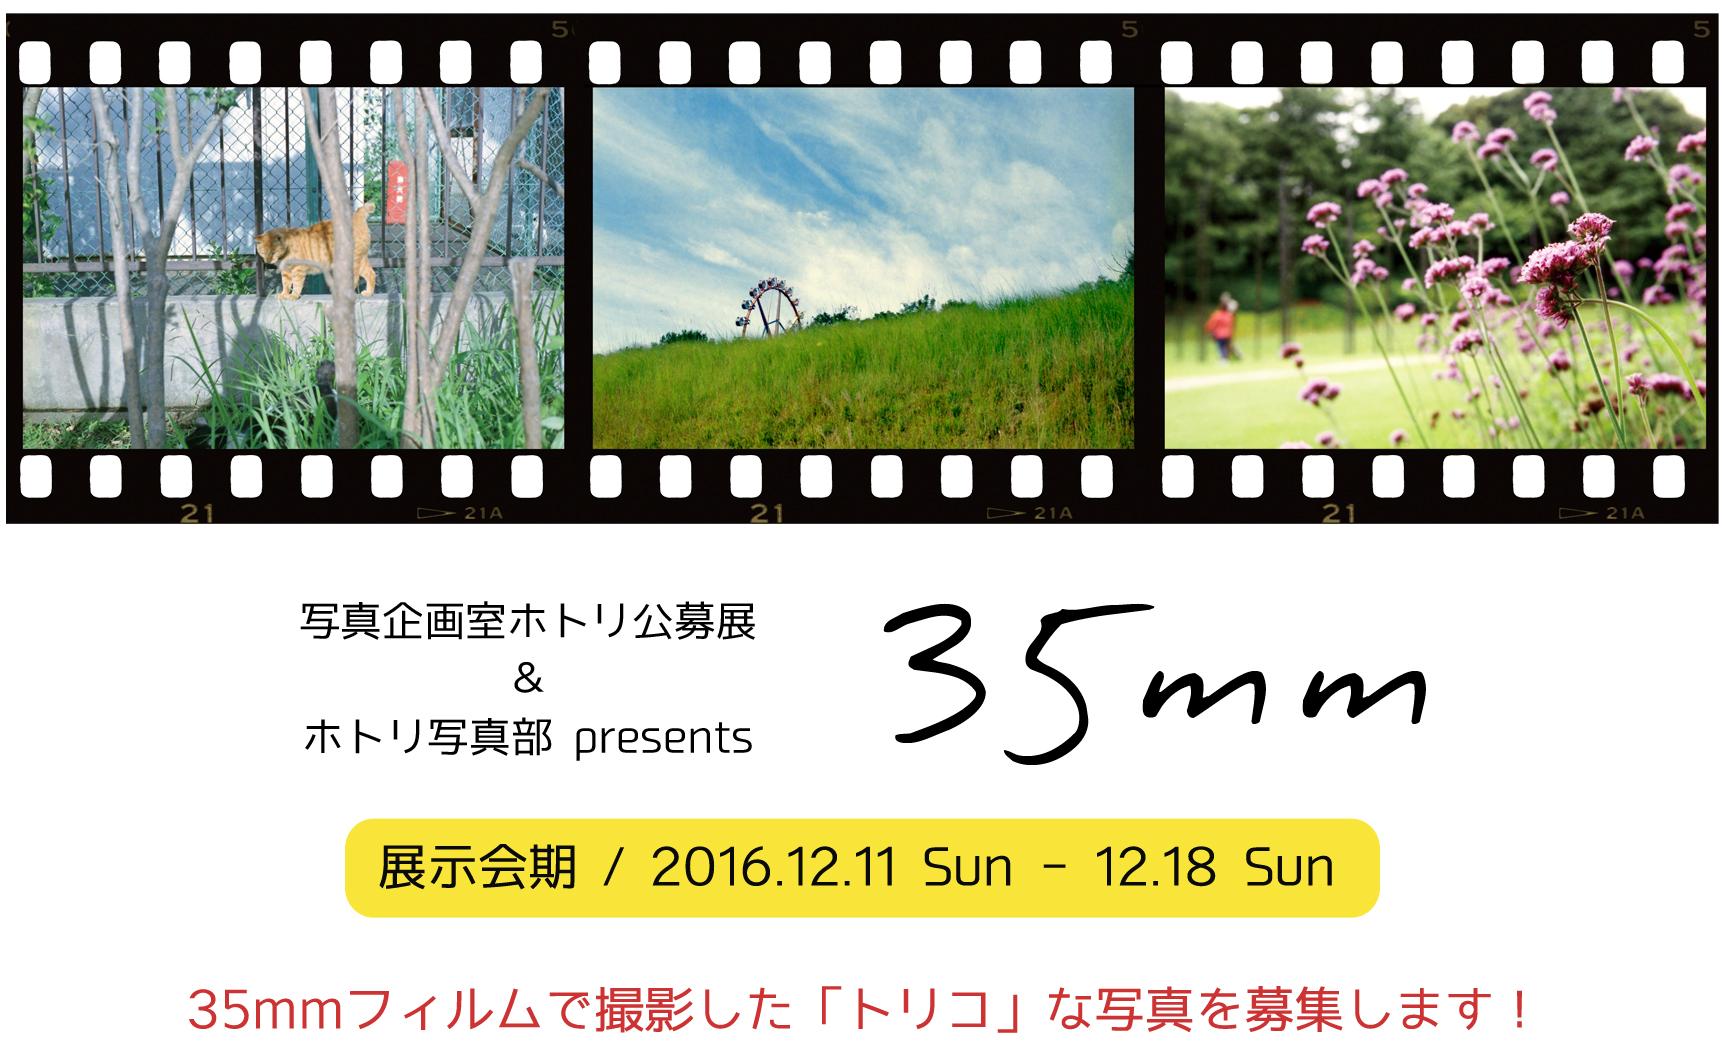 35mm_bosyu